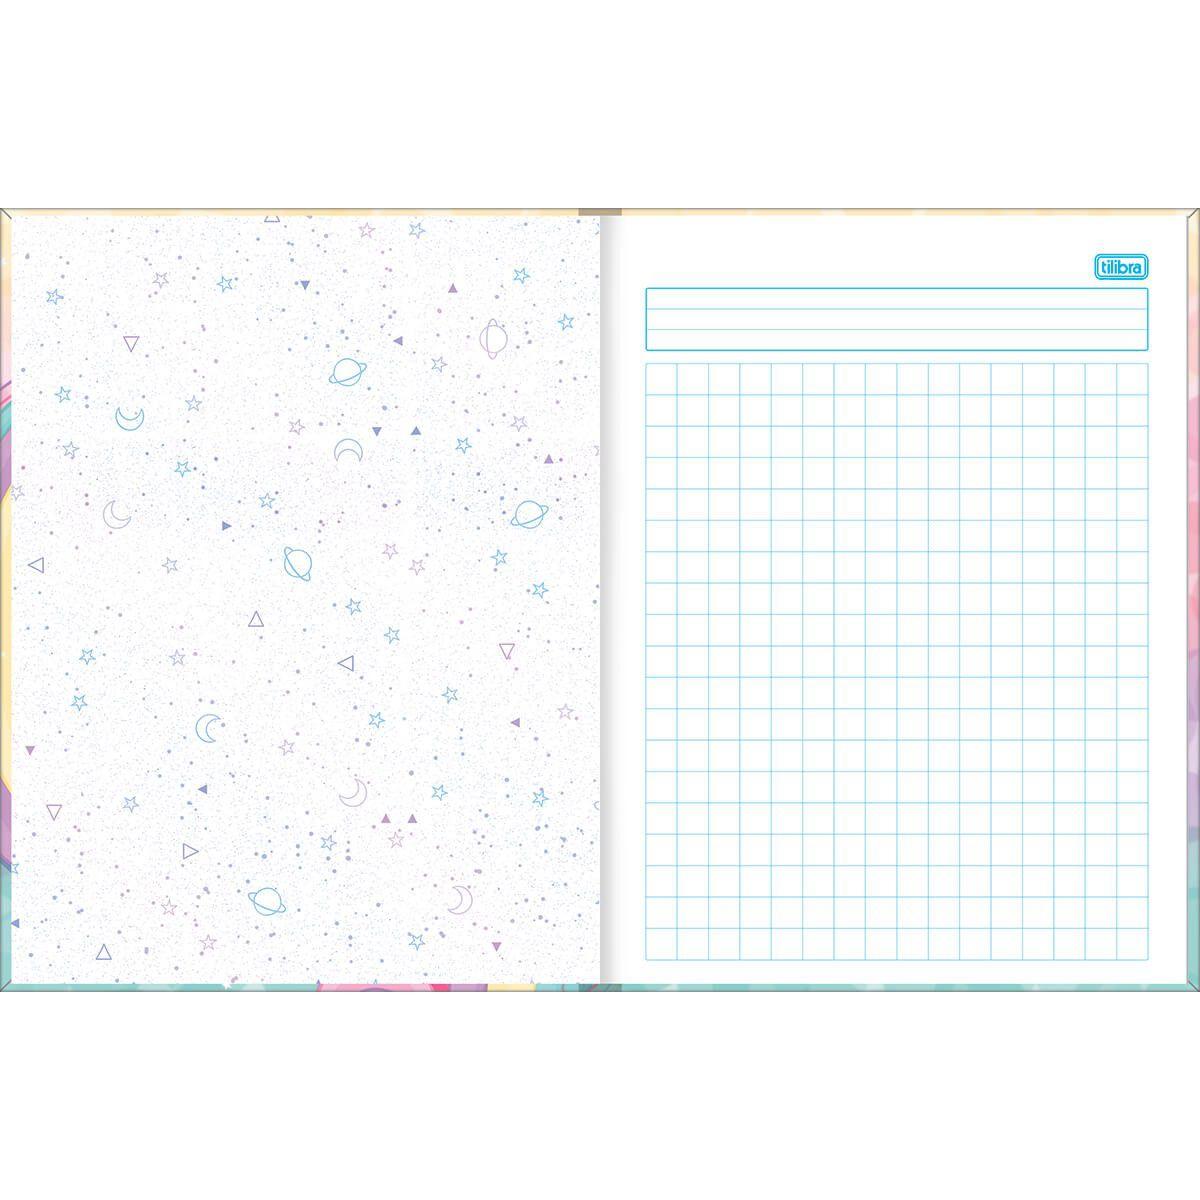 Caderno quadriculado 10x10 48 fls Blink Tilibra